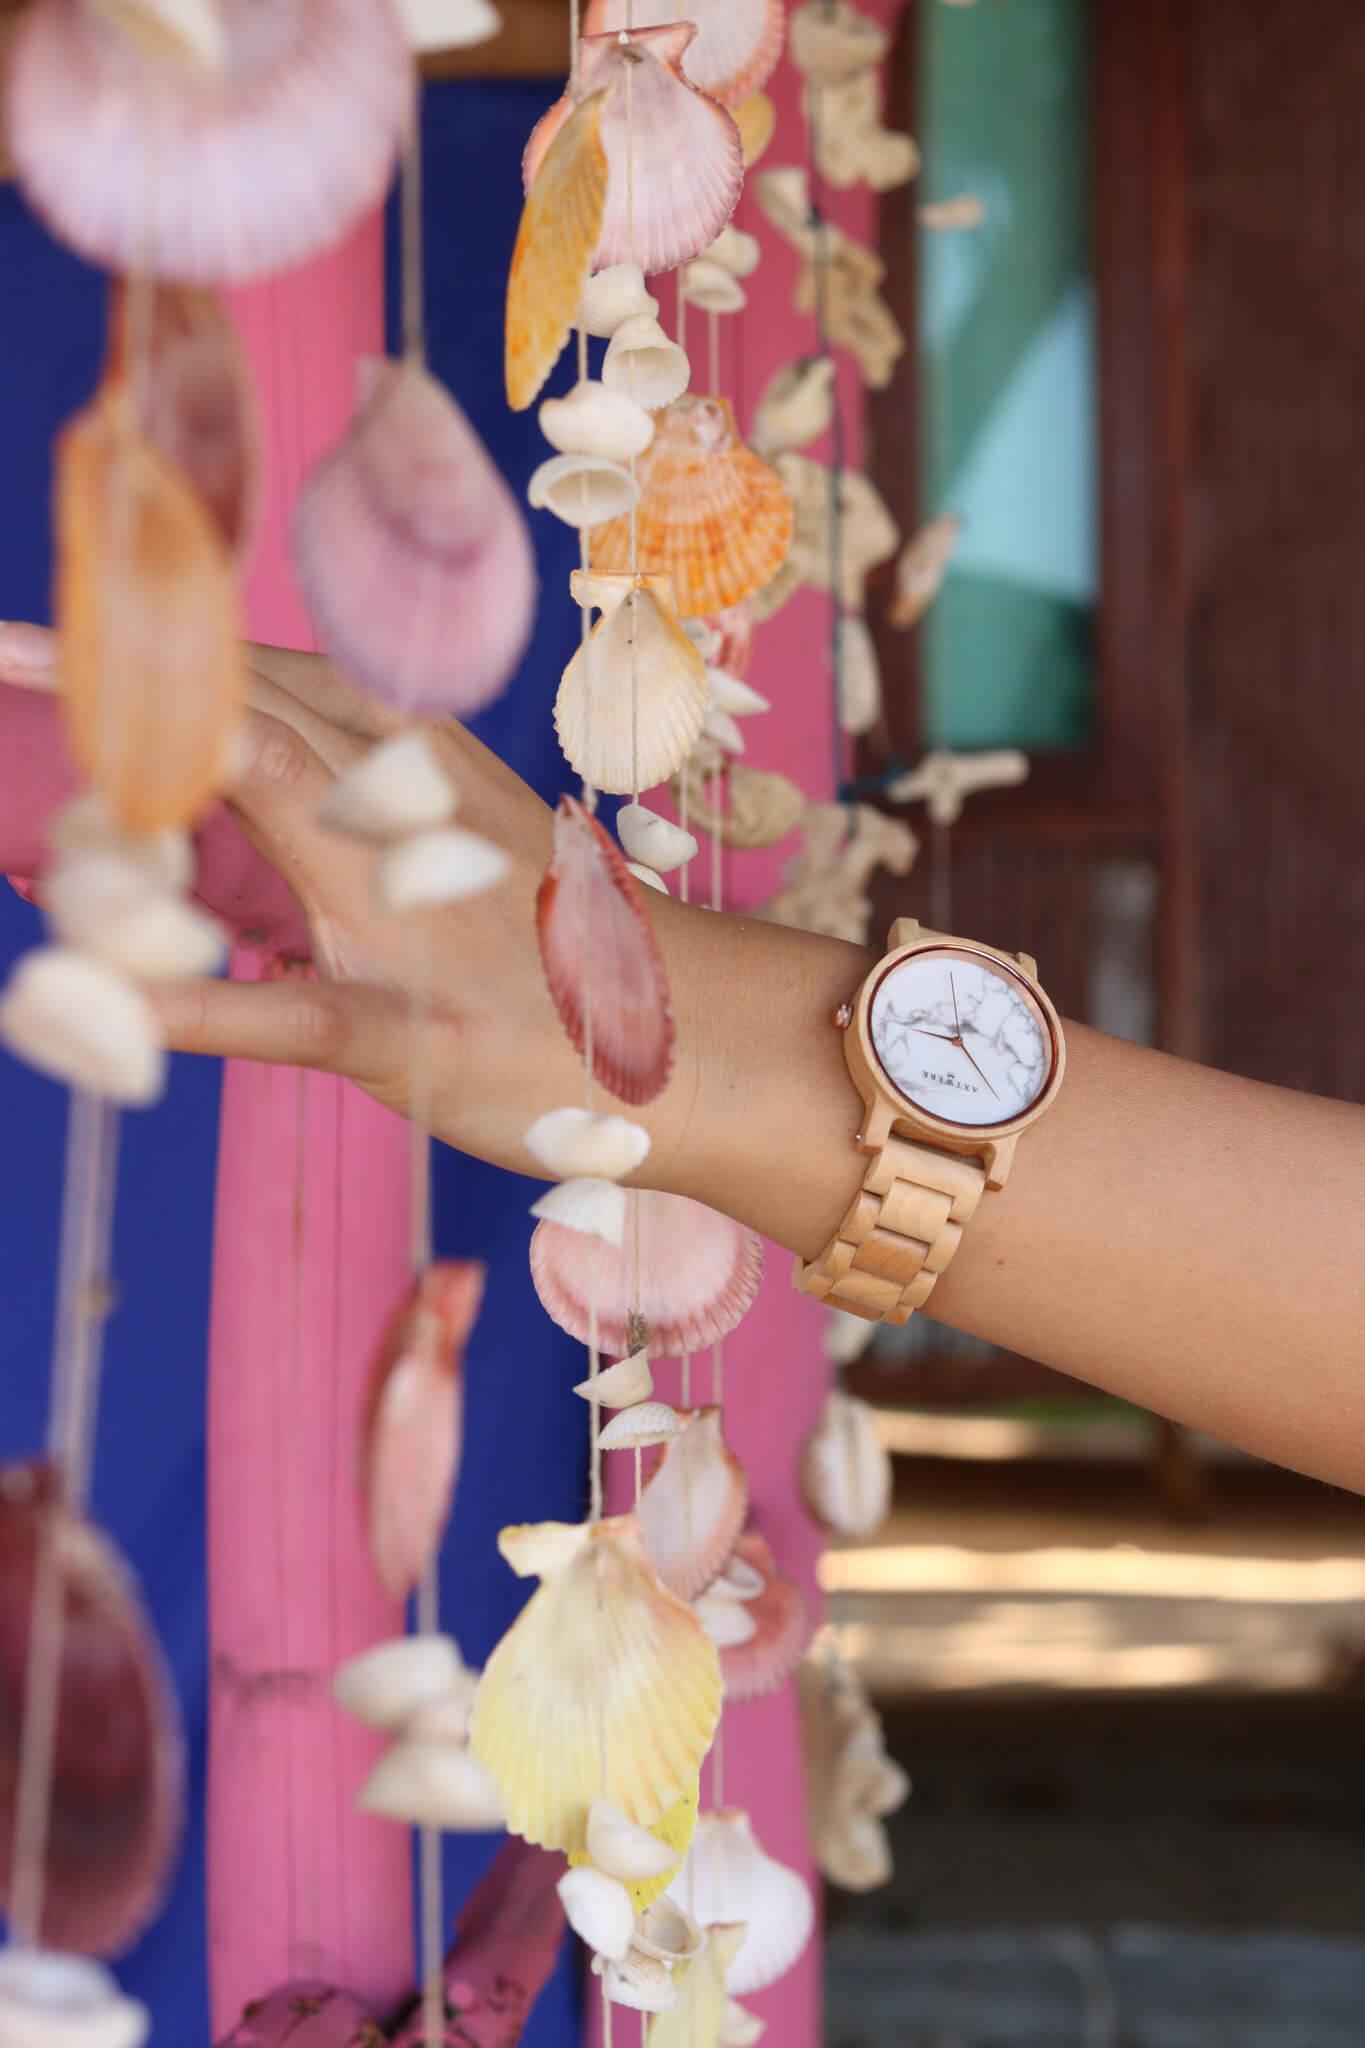 Obnoviteľný material hodiniek v drevenom obale s mramorovým ciferníkom